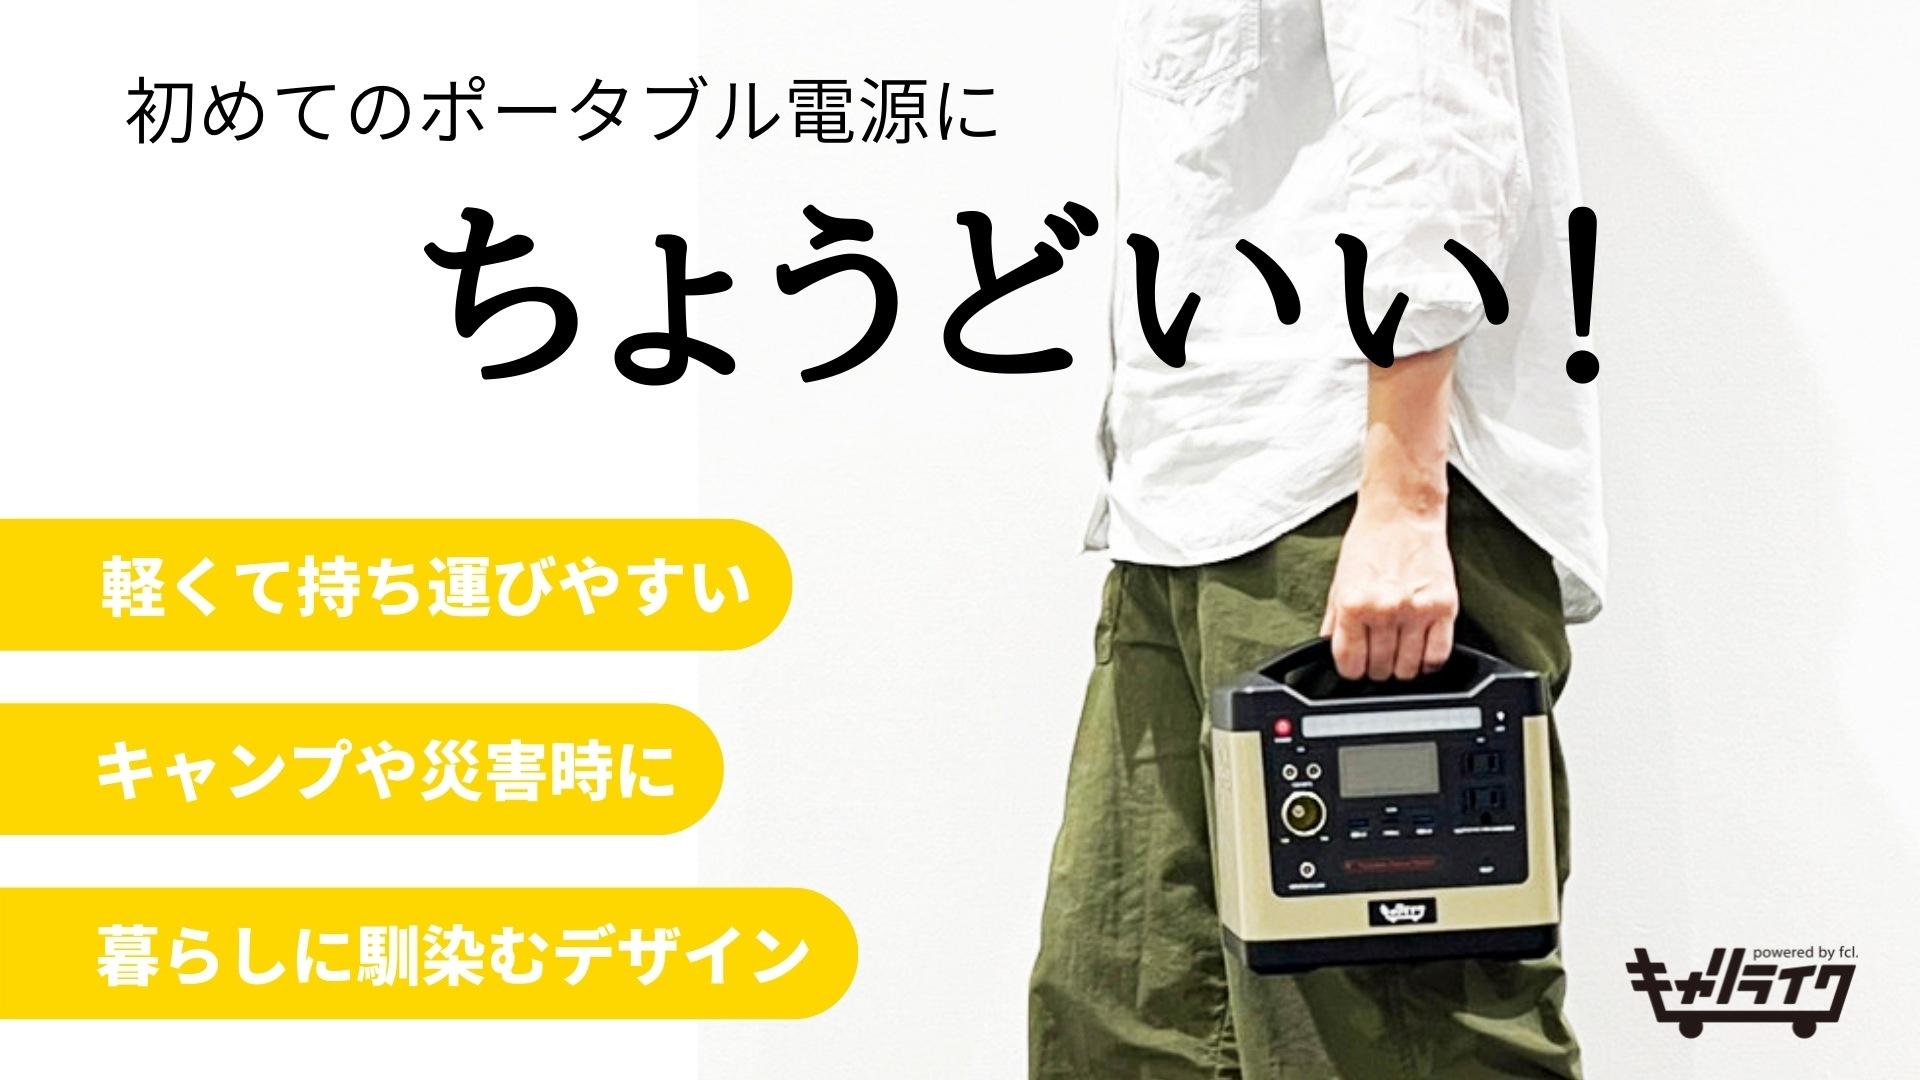 初めての方におすすめ ポータブル電源mini